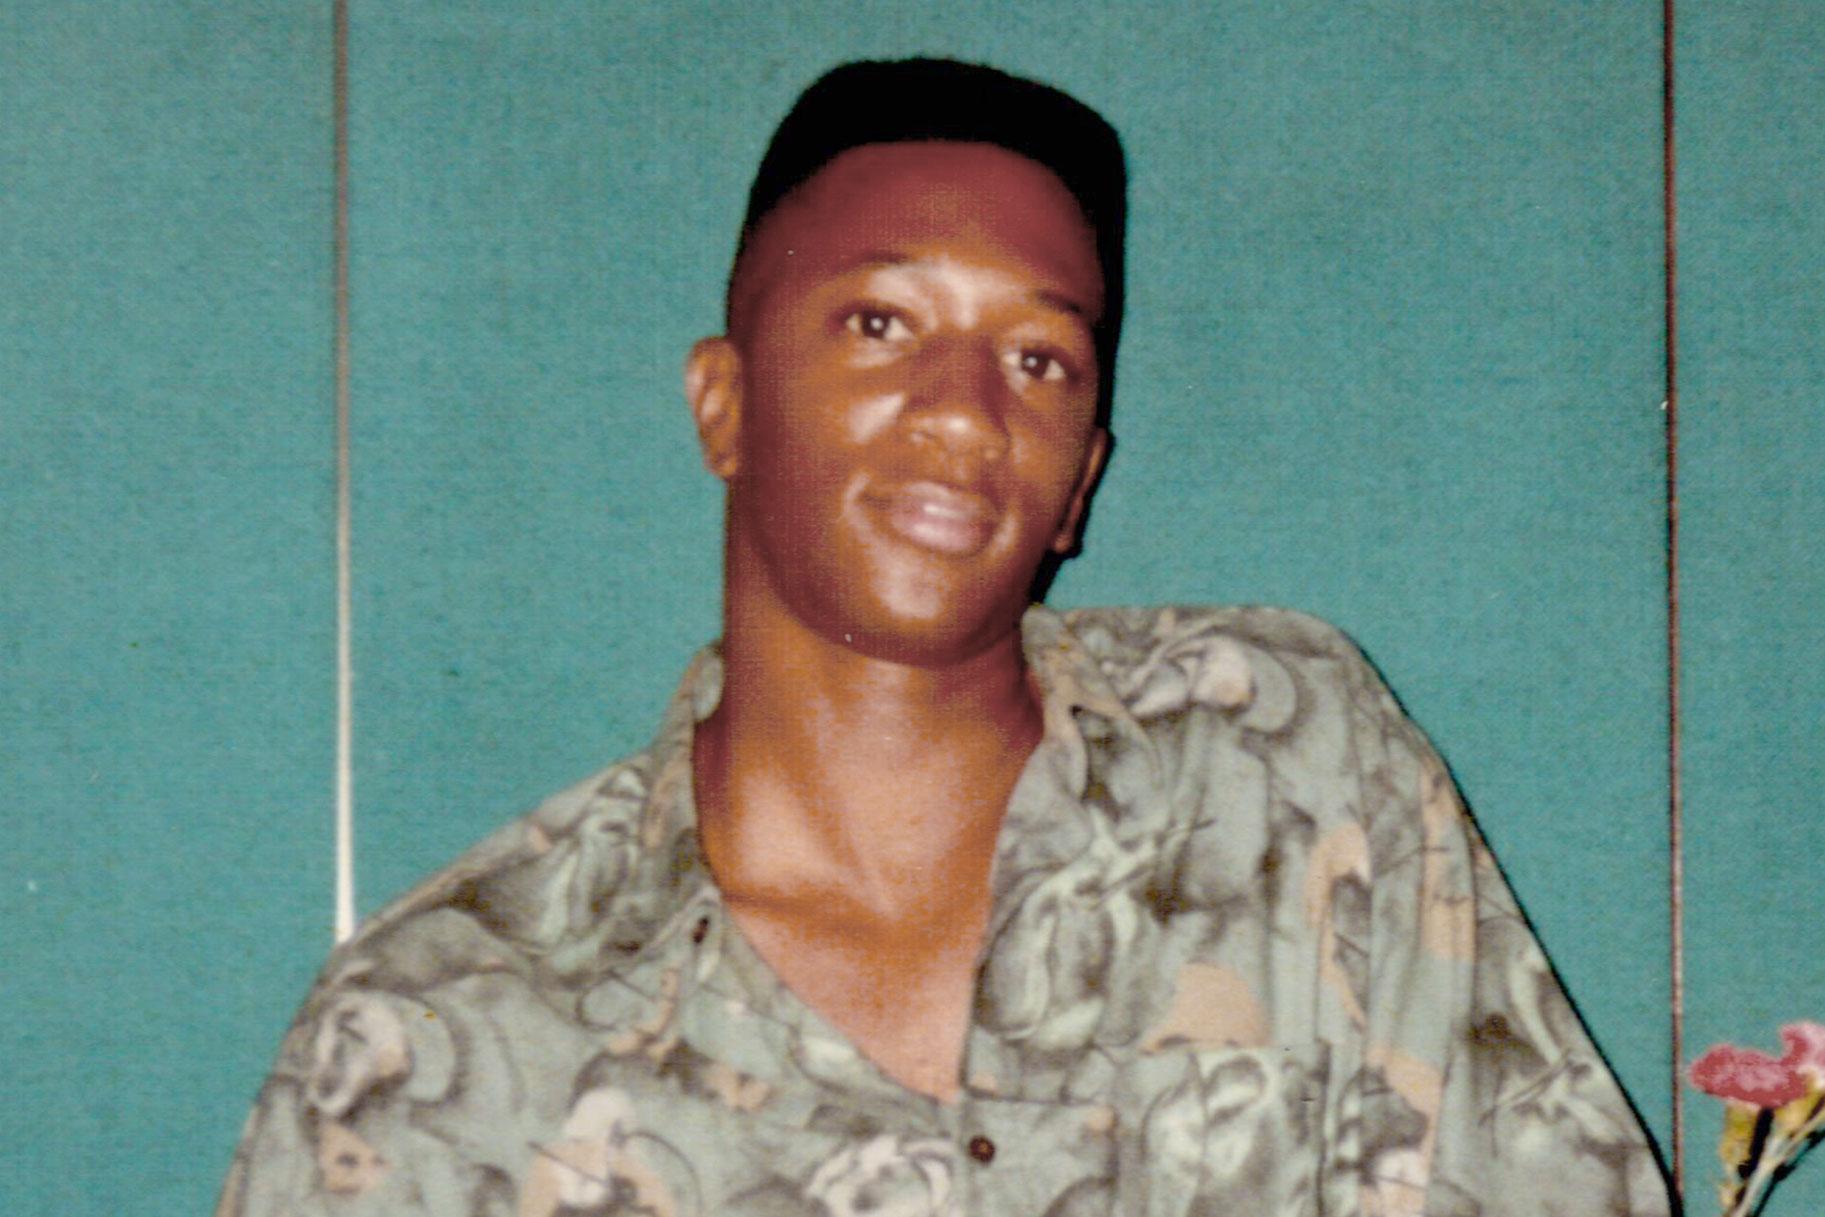 Memphis cop Tony Hayes Killed By Girlfriend In Jealous Rage